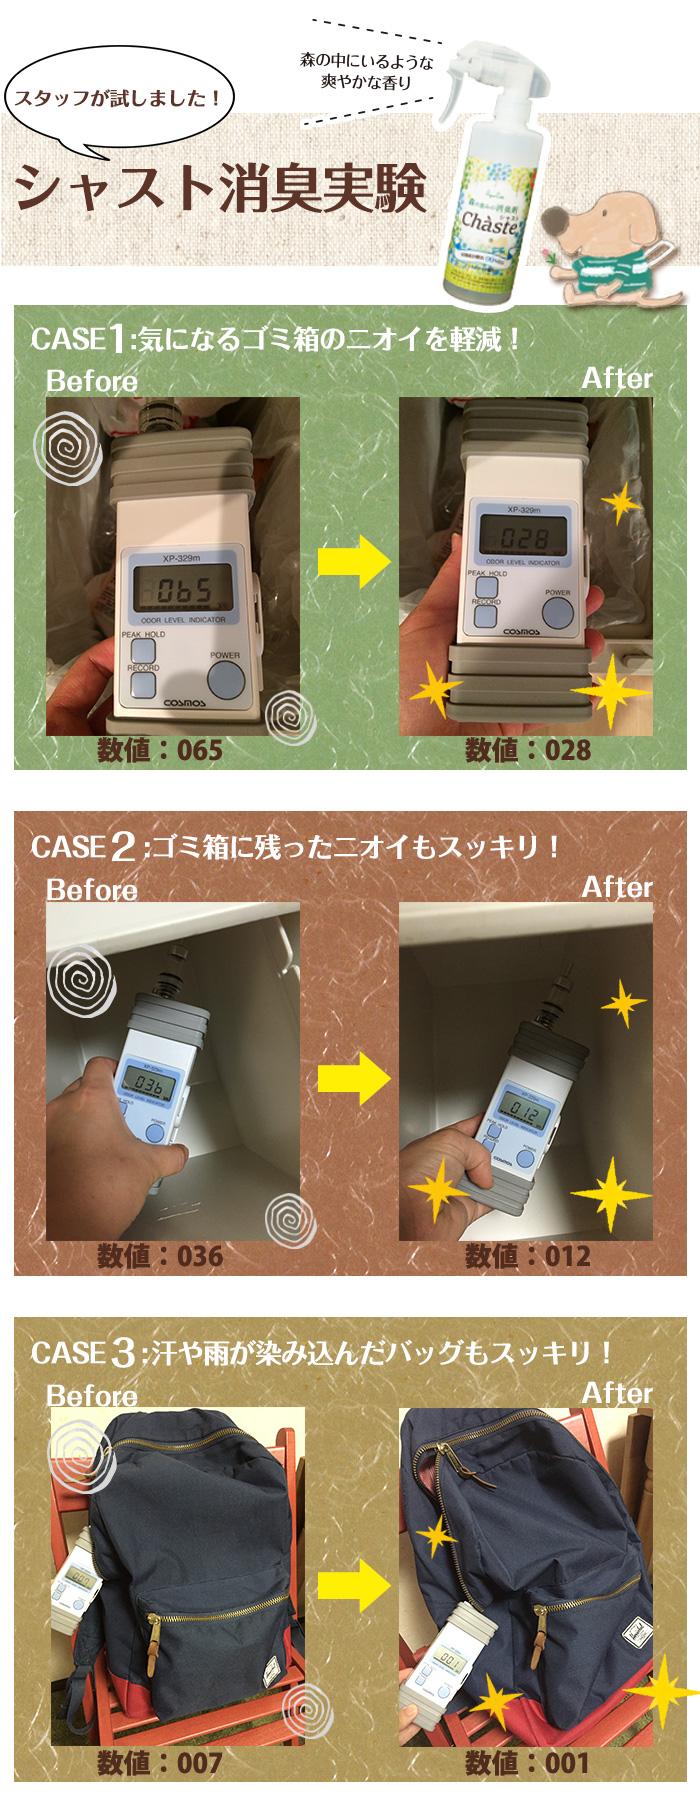 シャスト消臭実験の写真。ニオイの数値が減少している写真